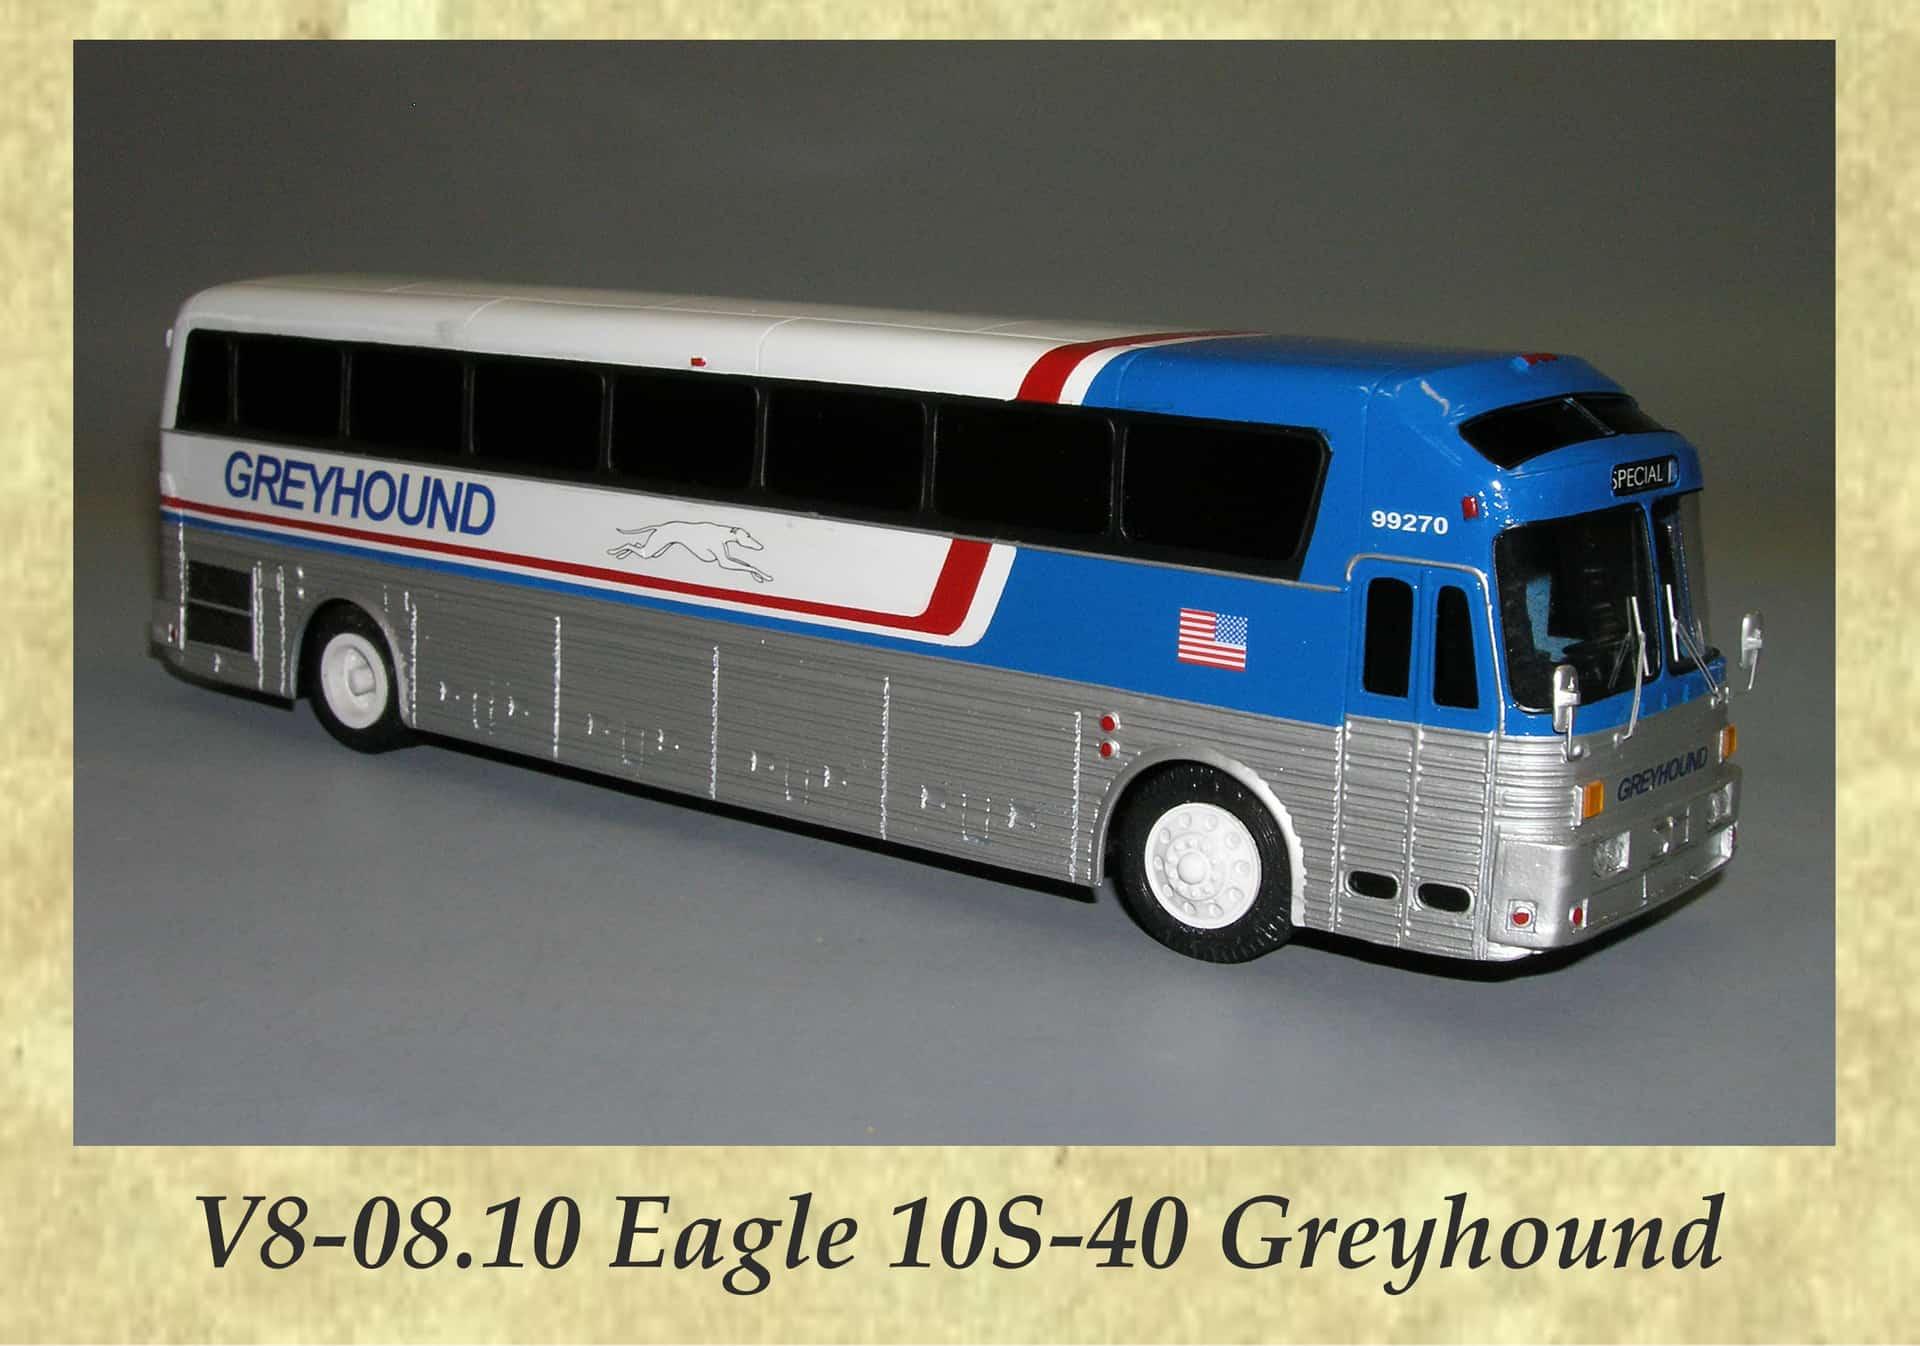 V8-08.10 Eagle 10S-40 Greyhound